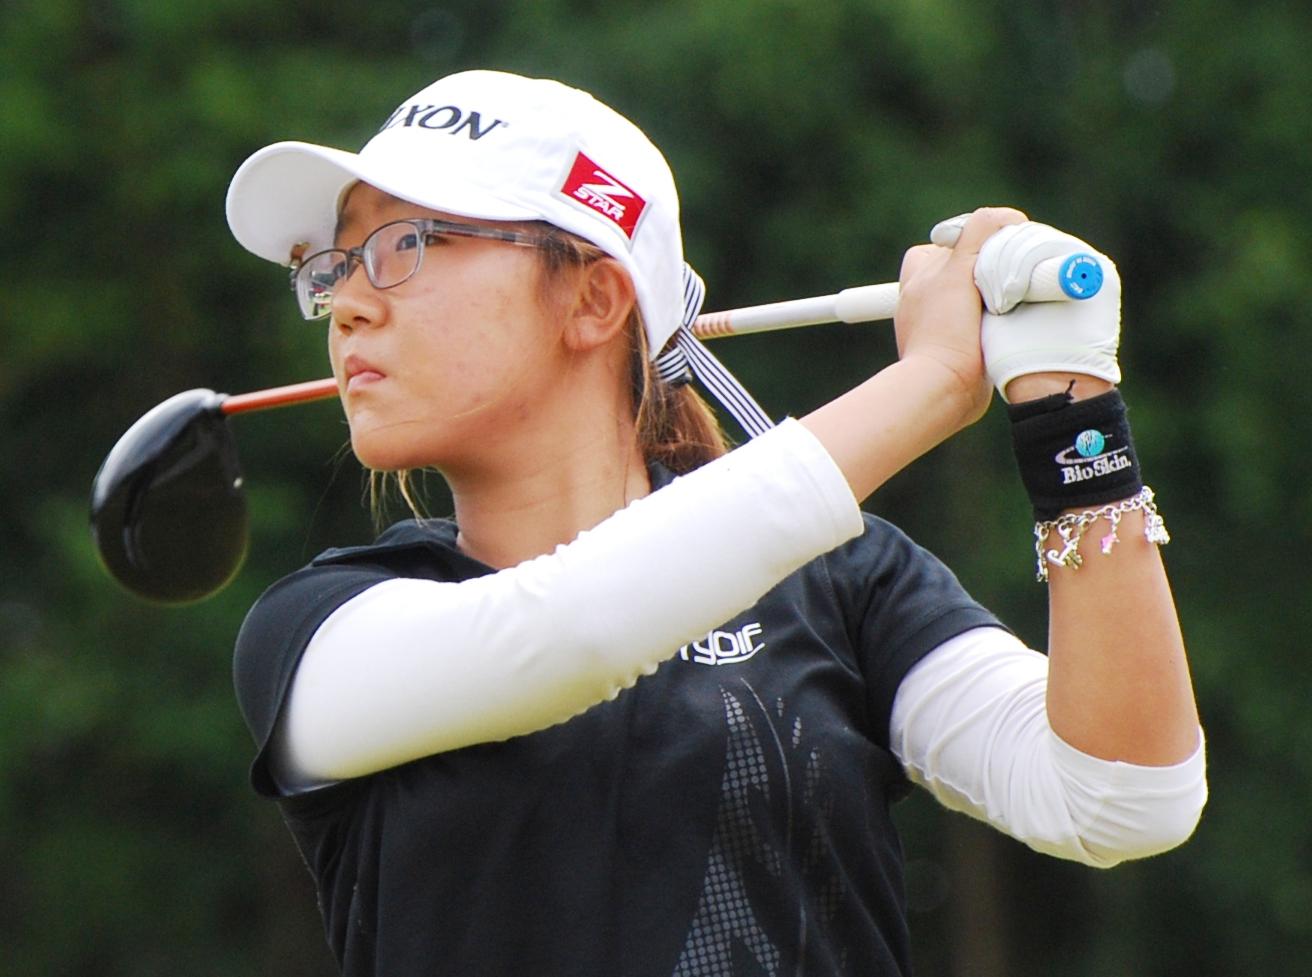 AMATEUR LYDIA KO (15) WINS LPGA CANADA WOMEN'S OPEN